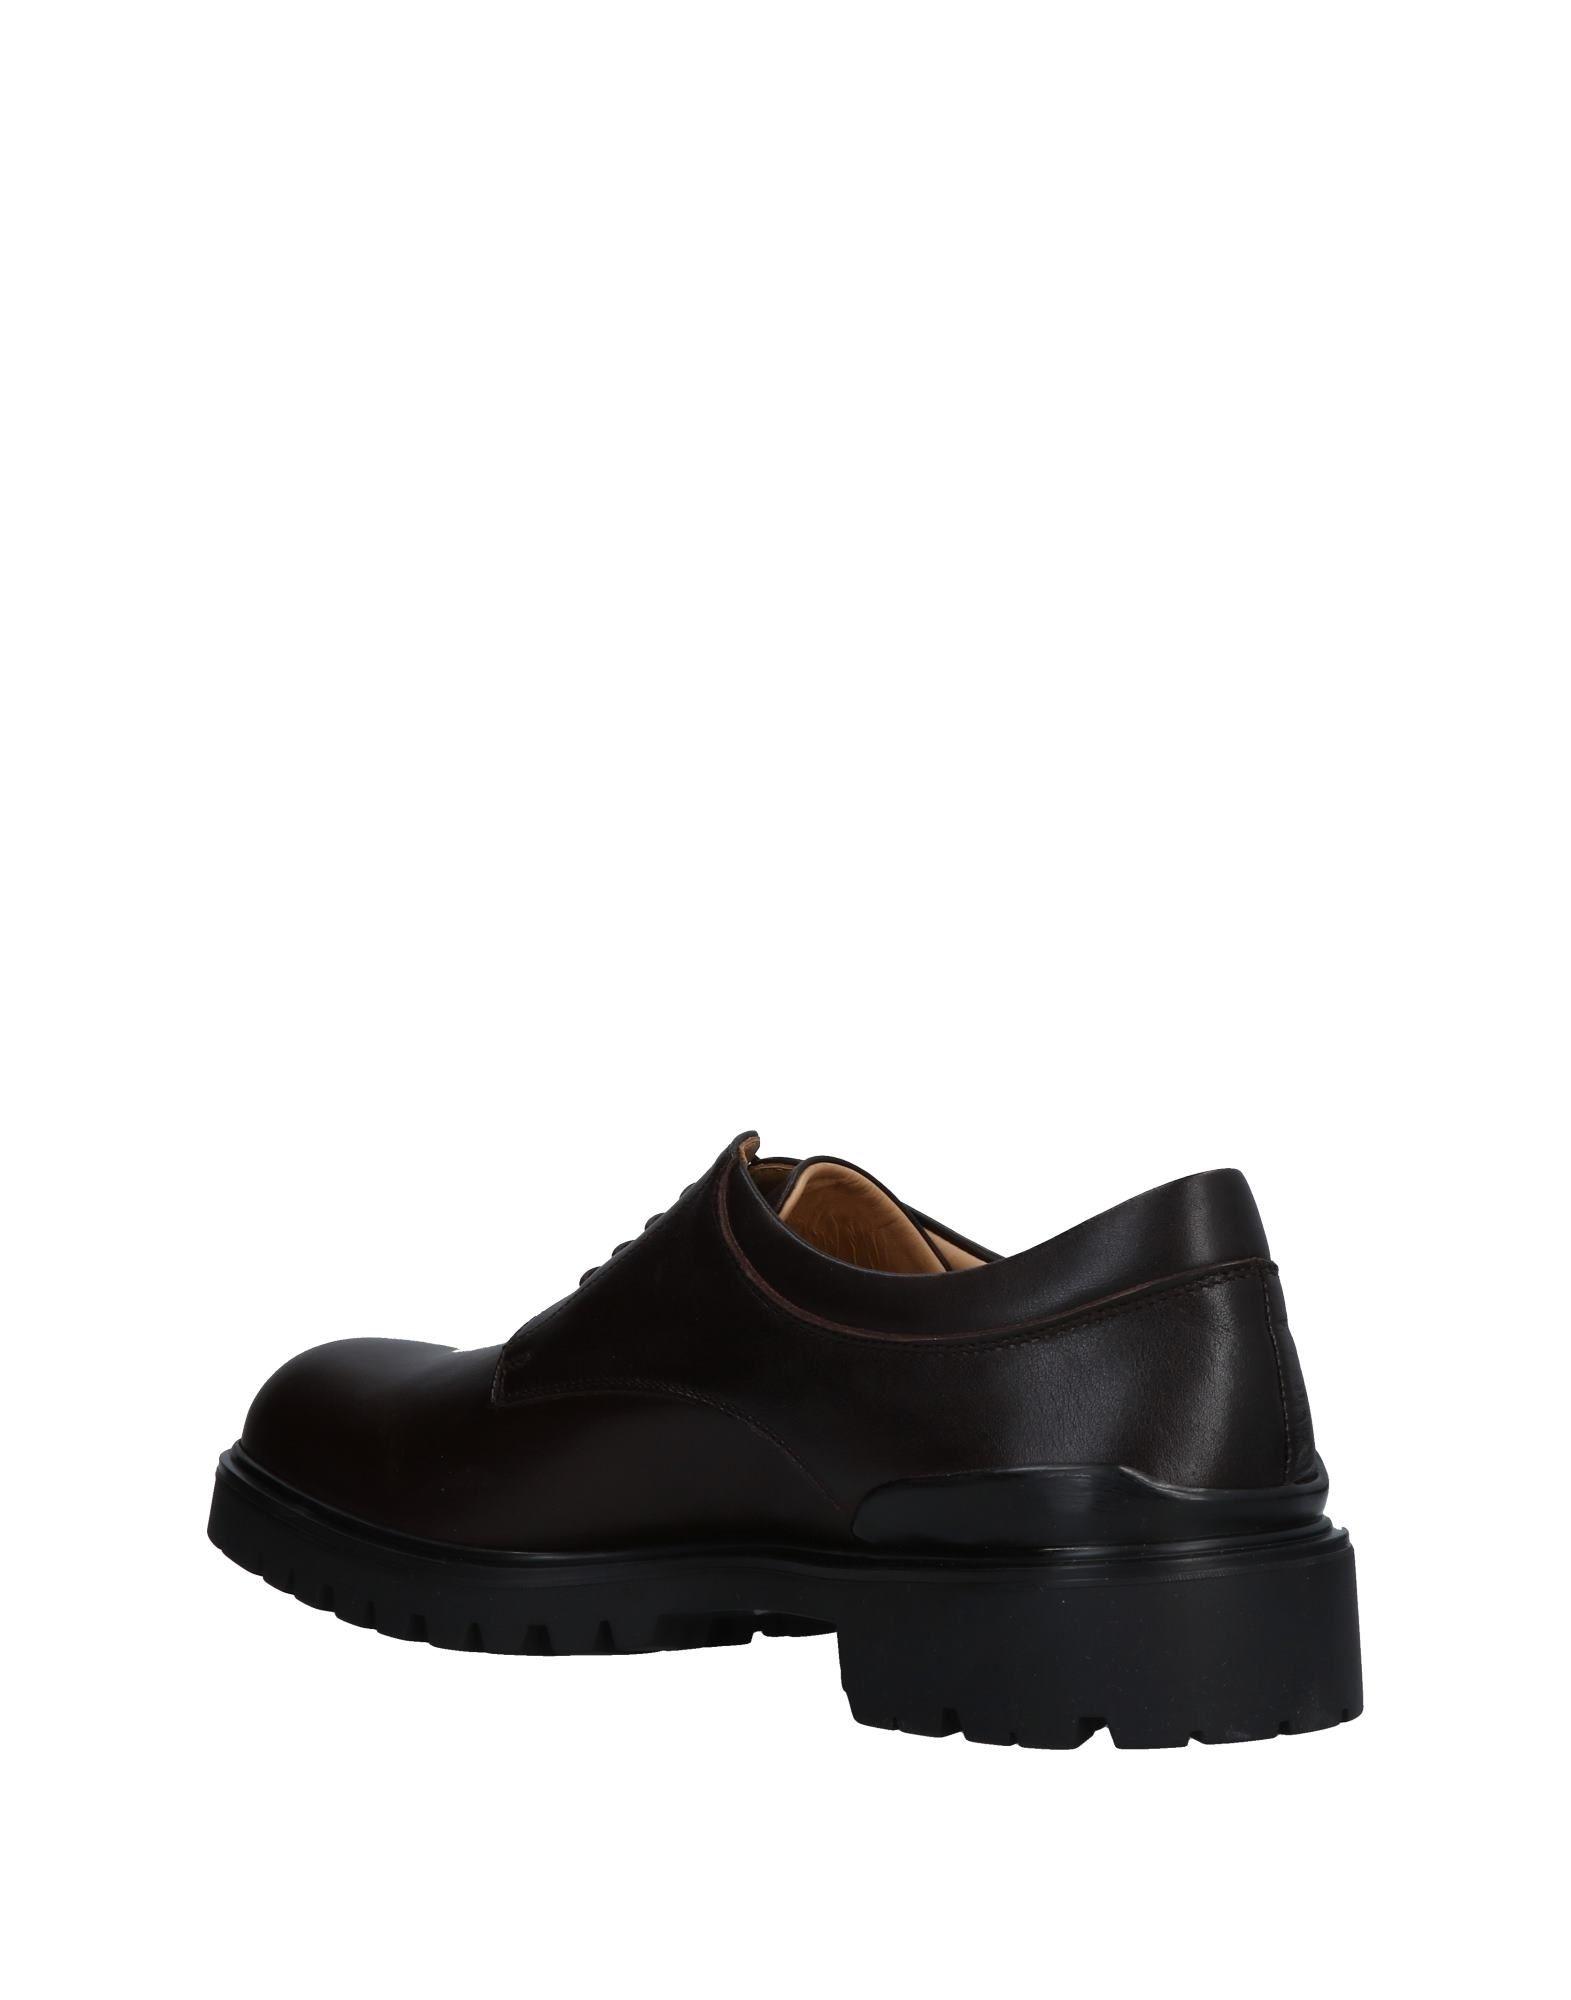 Giovanni Conti Schnürschuhe Herren  Schuhe 11471461VH Gute Qualität beliebte Schuhe  882000